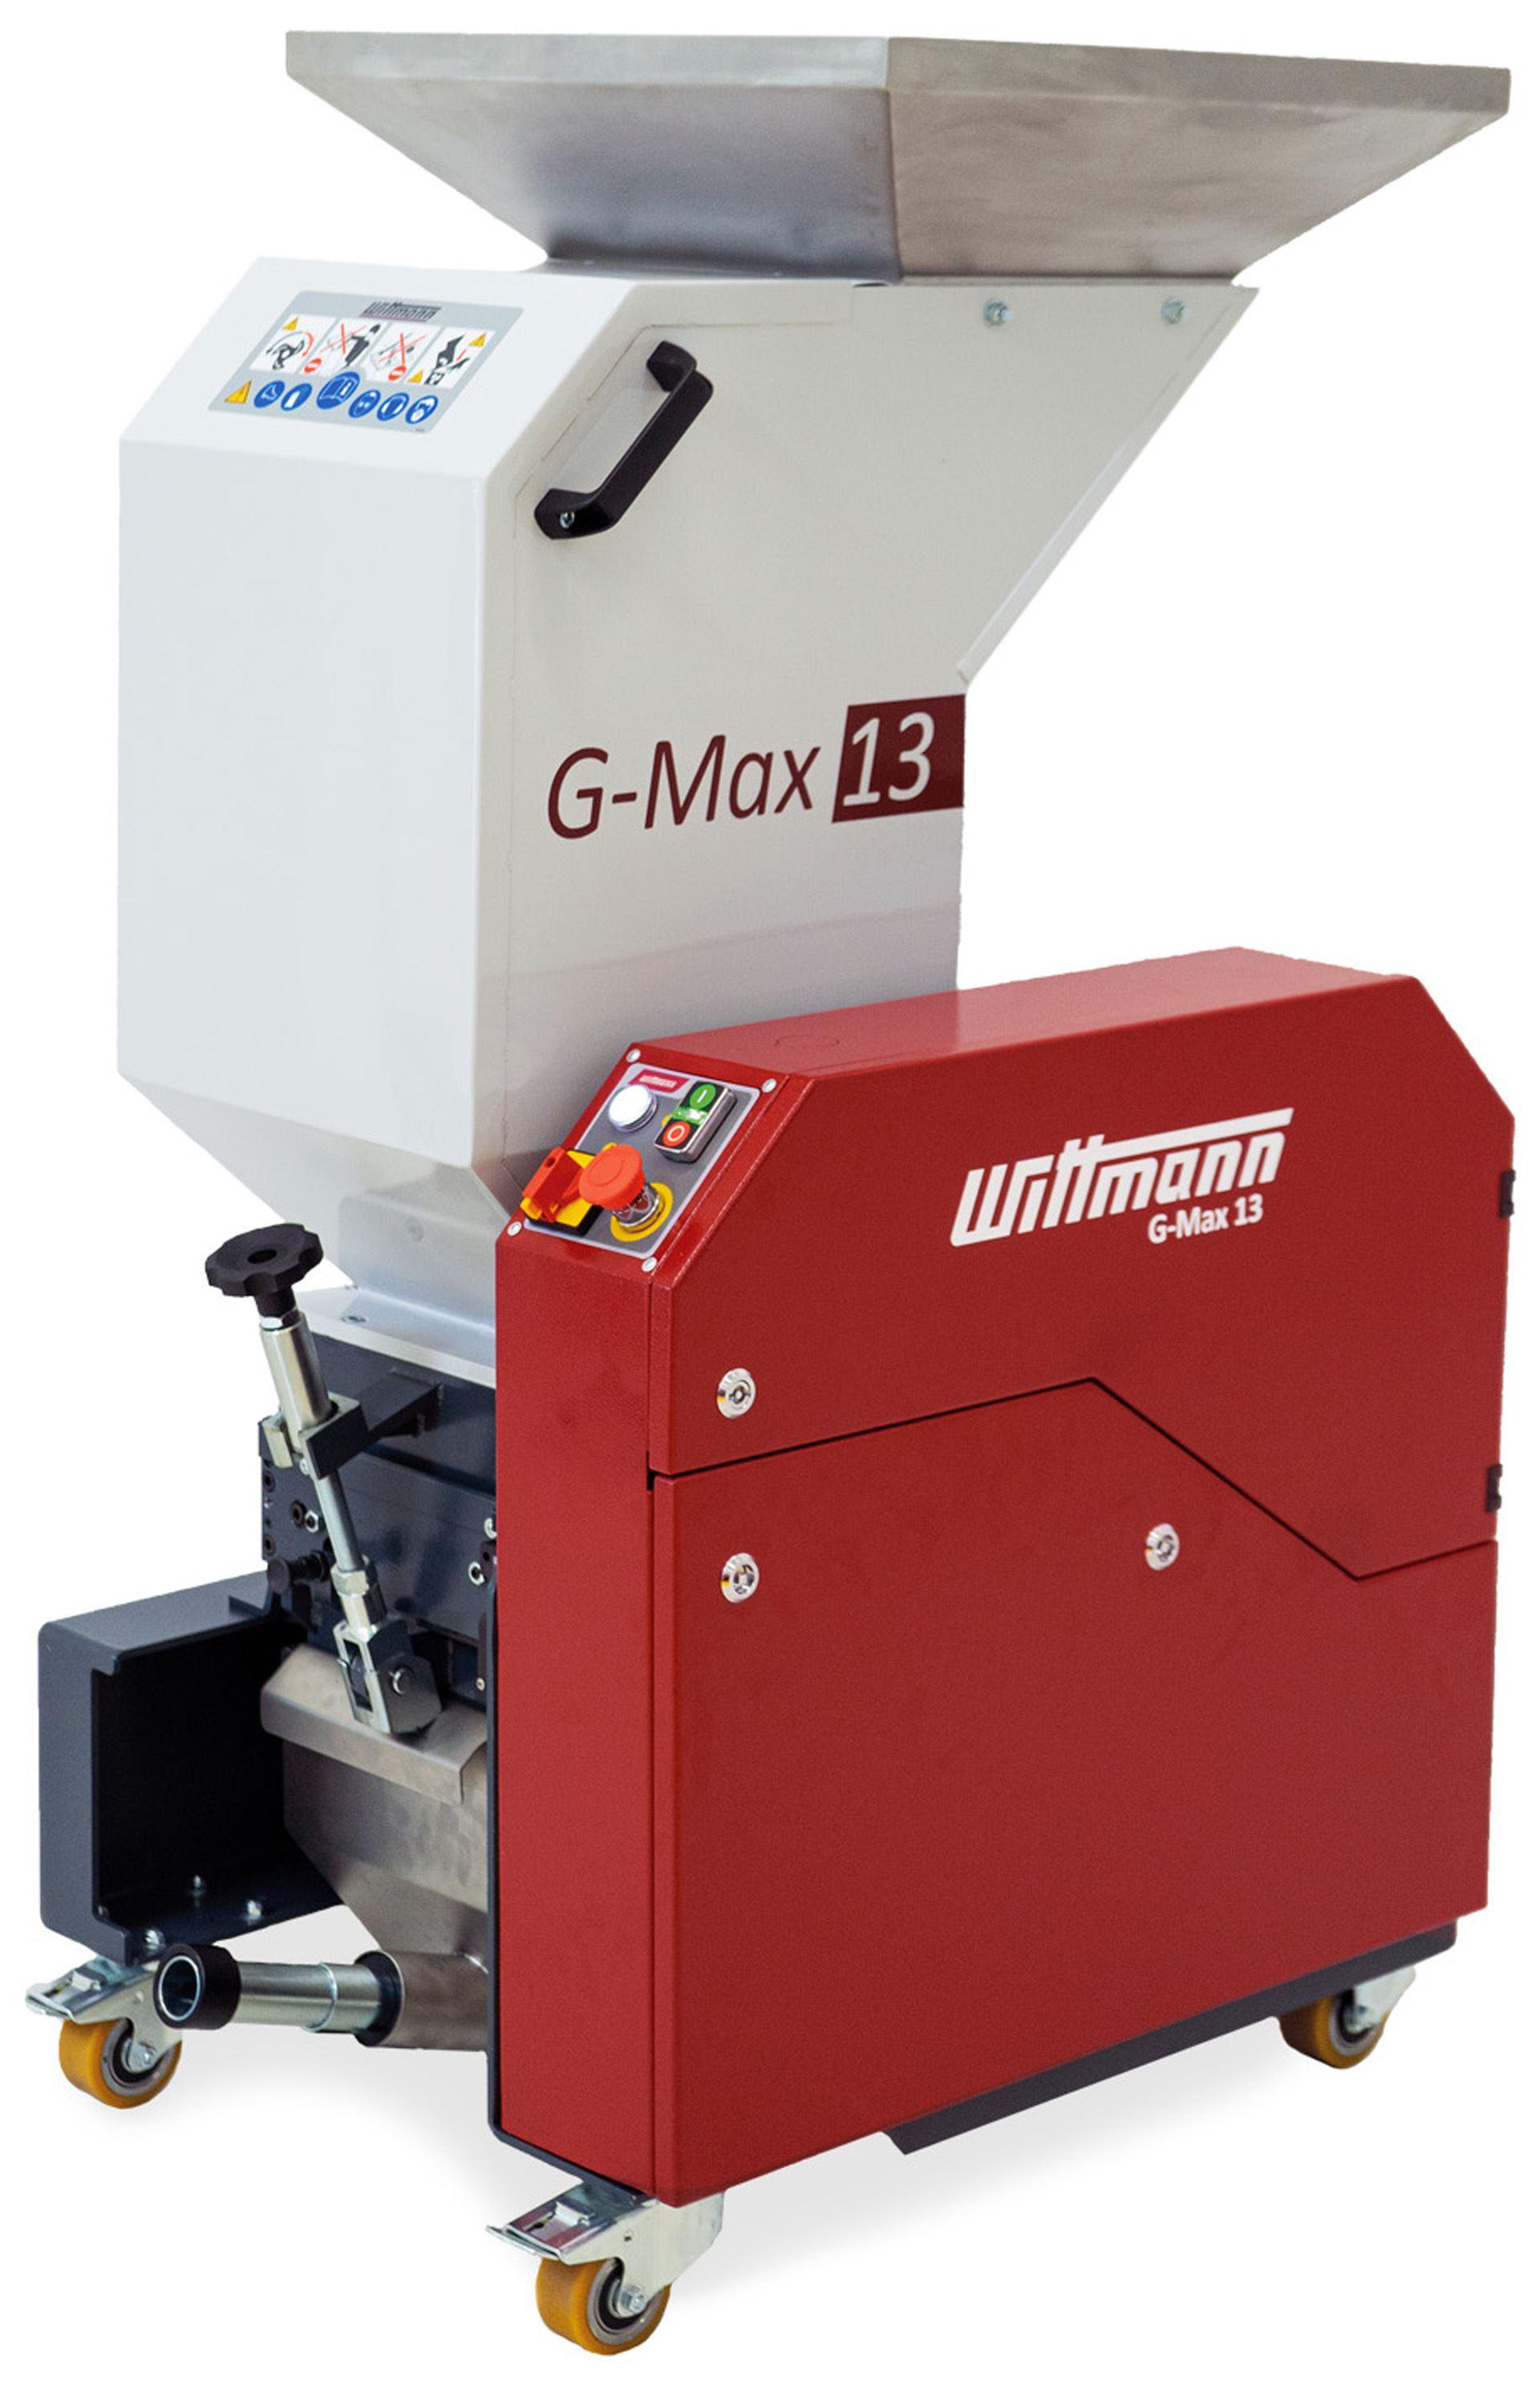 G-Max 13 Schneidmühle